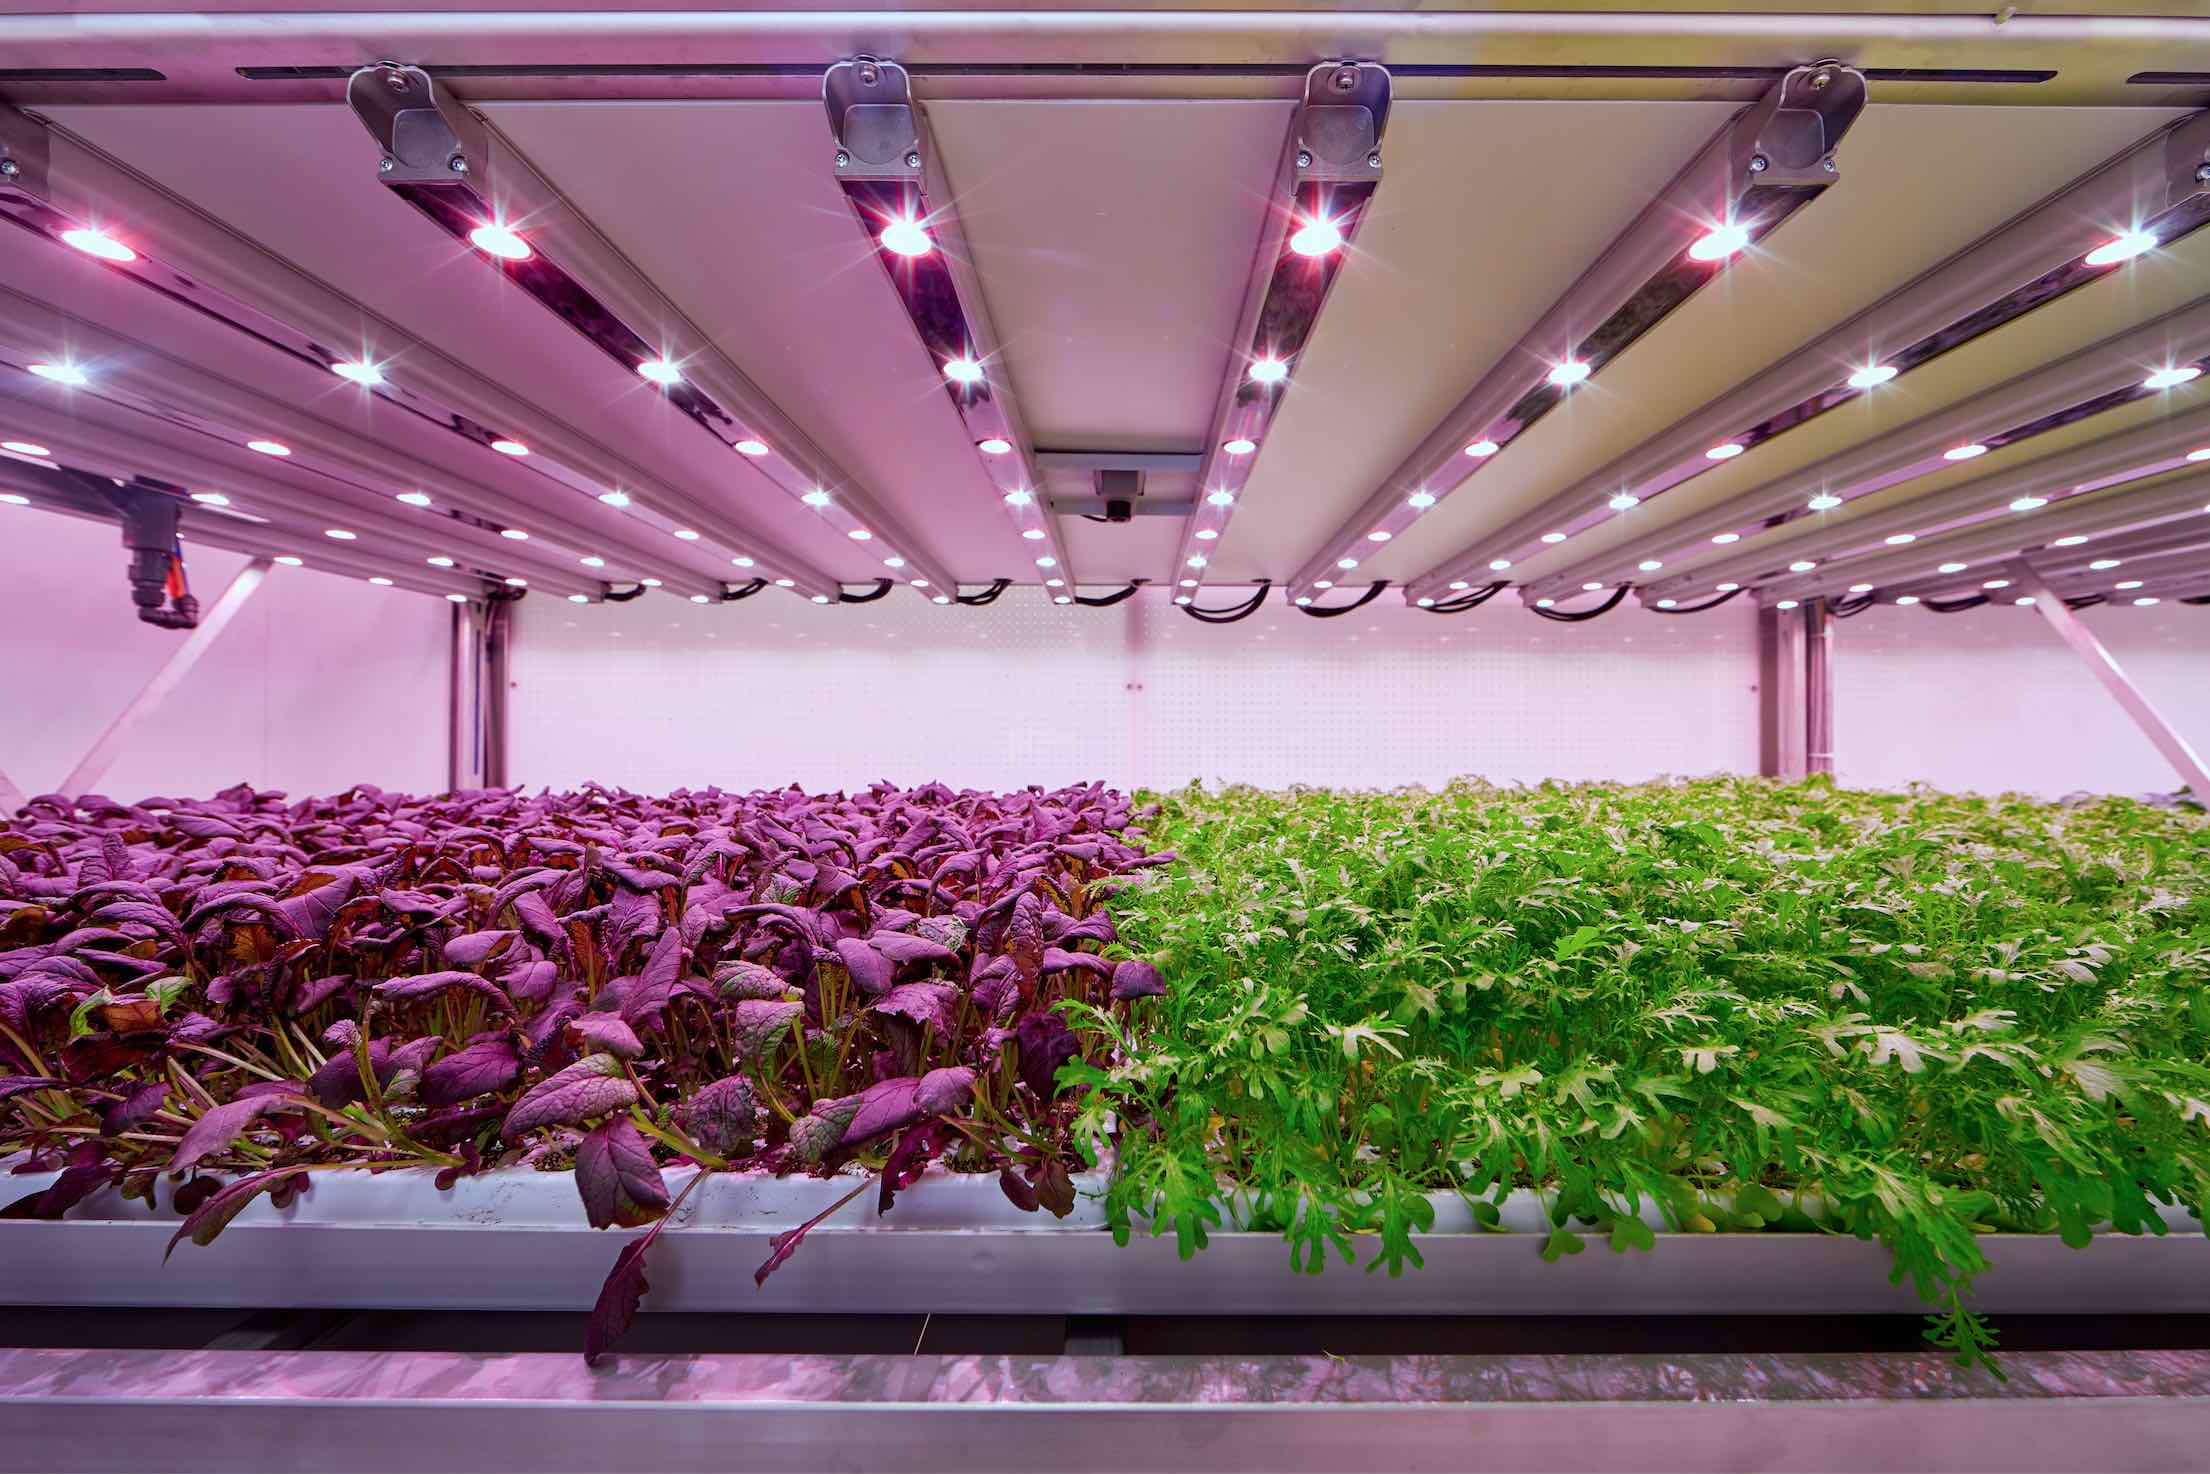 Planet-Farms-Milano-vertical-farming